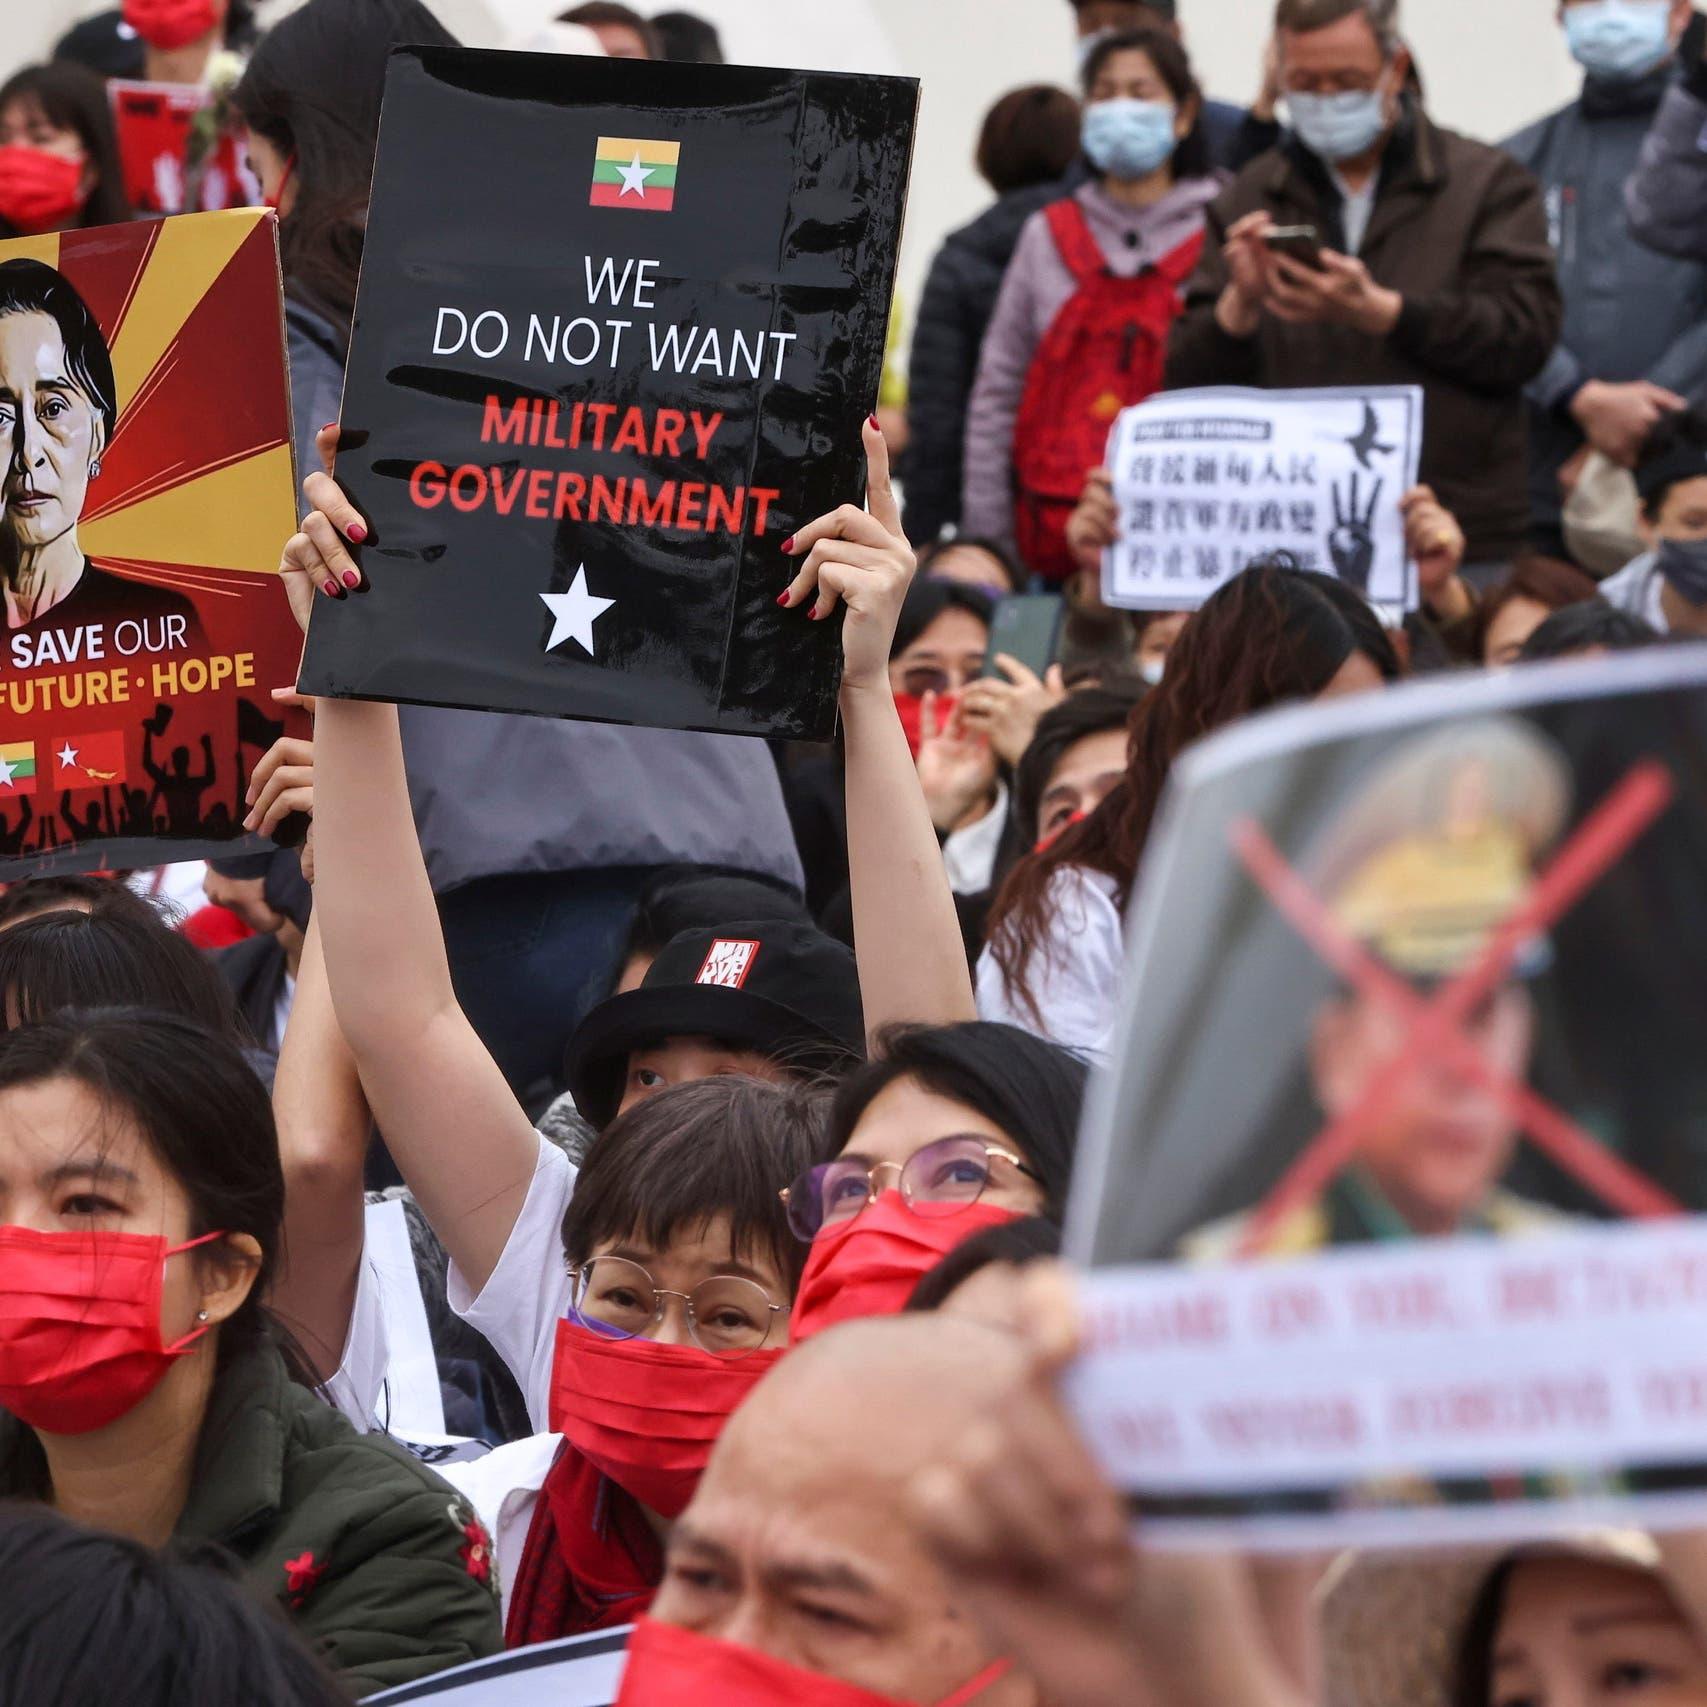 مجلس ميانمار العسكري الحاكم يهاجم بلدة غربيّة قاومت الانقلاب